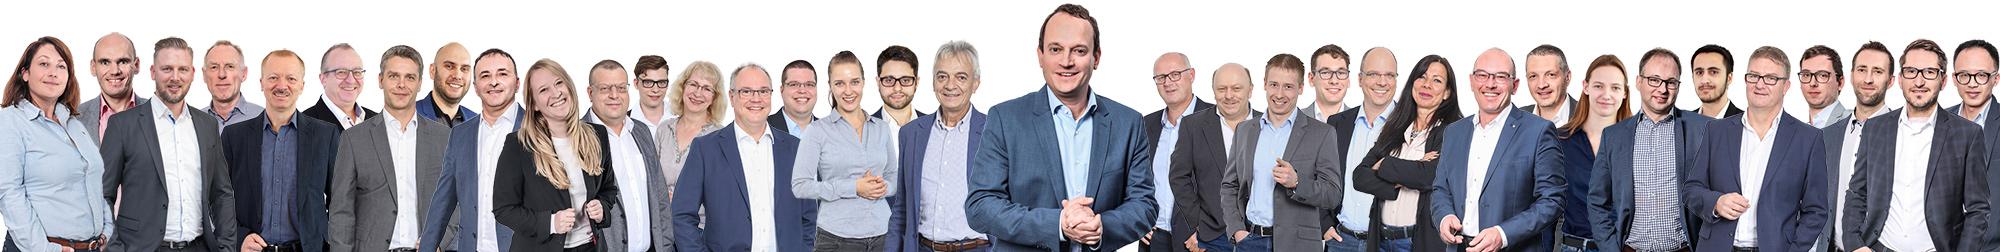 n-komm GmbH - IT aus Karlsruhe - ECM, DMS, E-Akte, Collaboration, Cloud